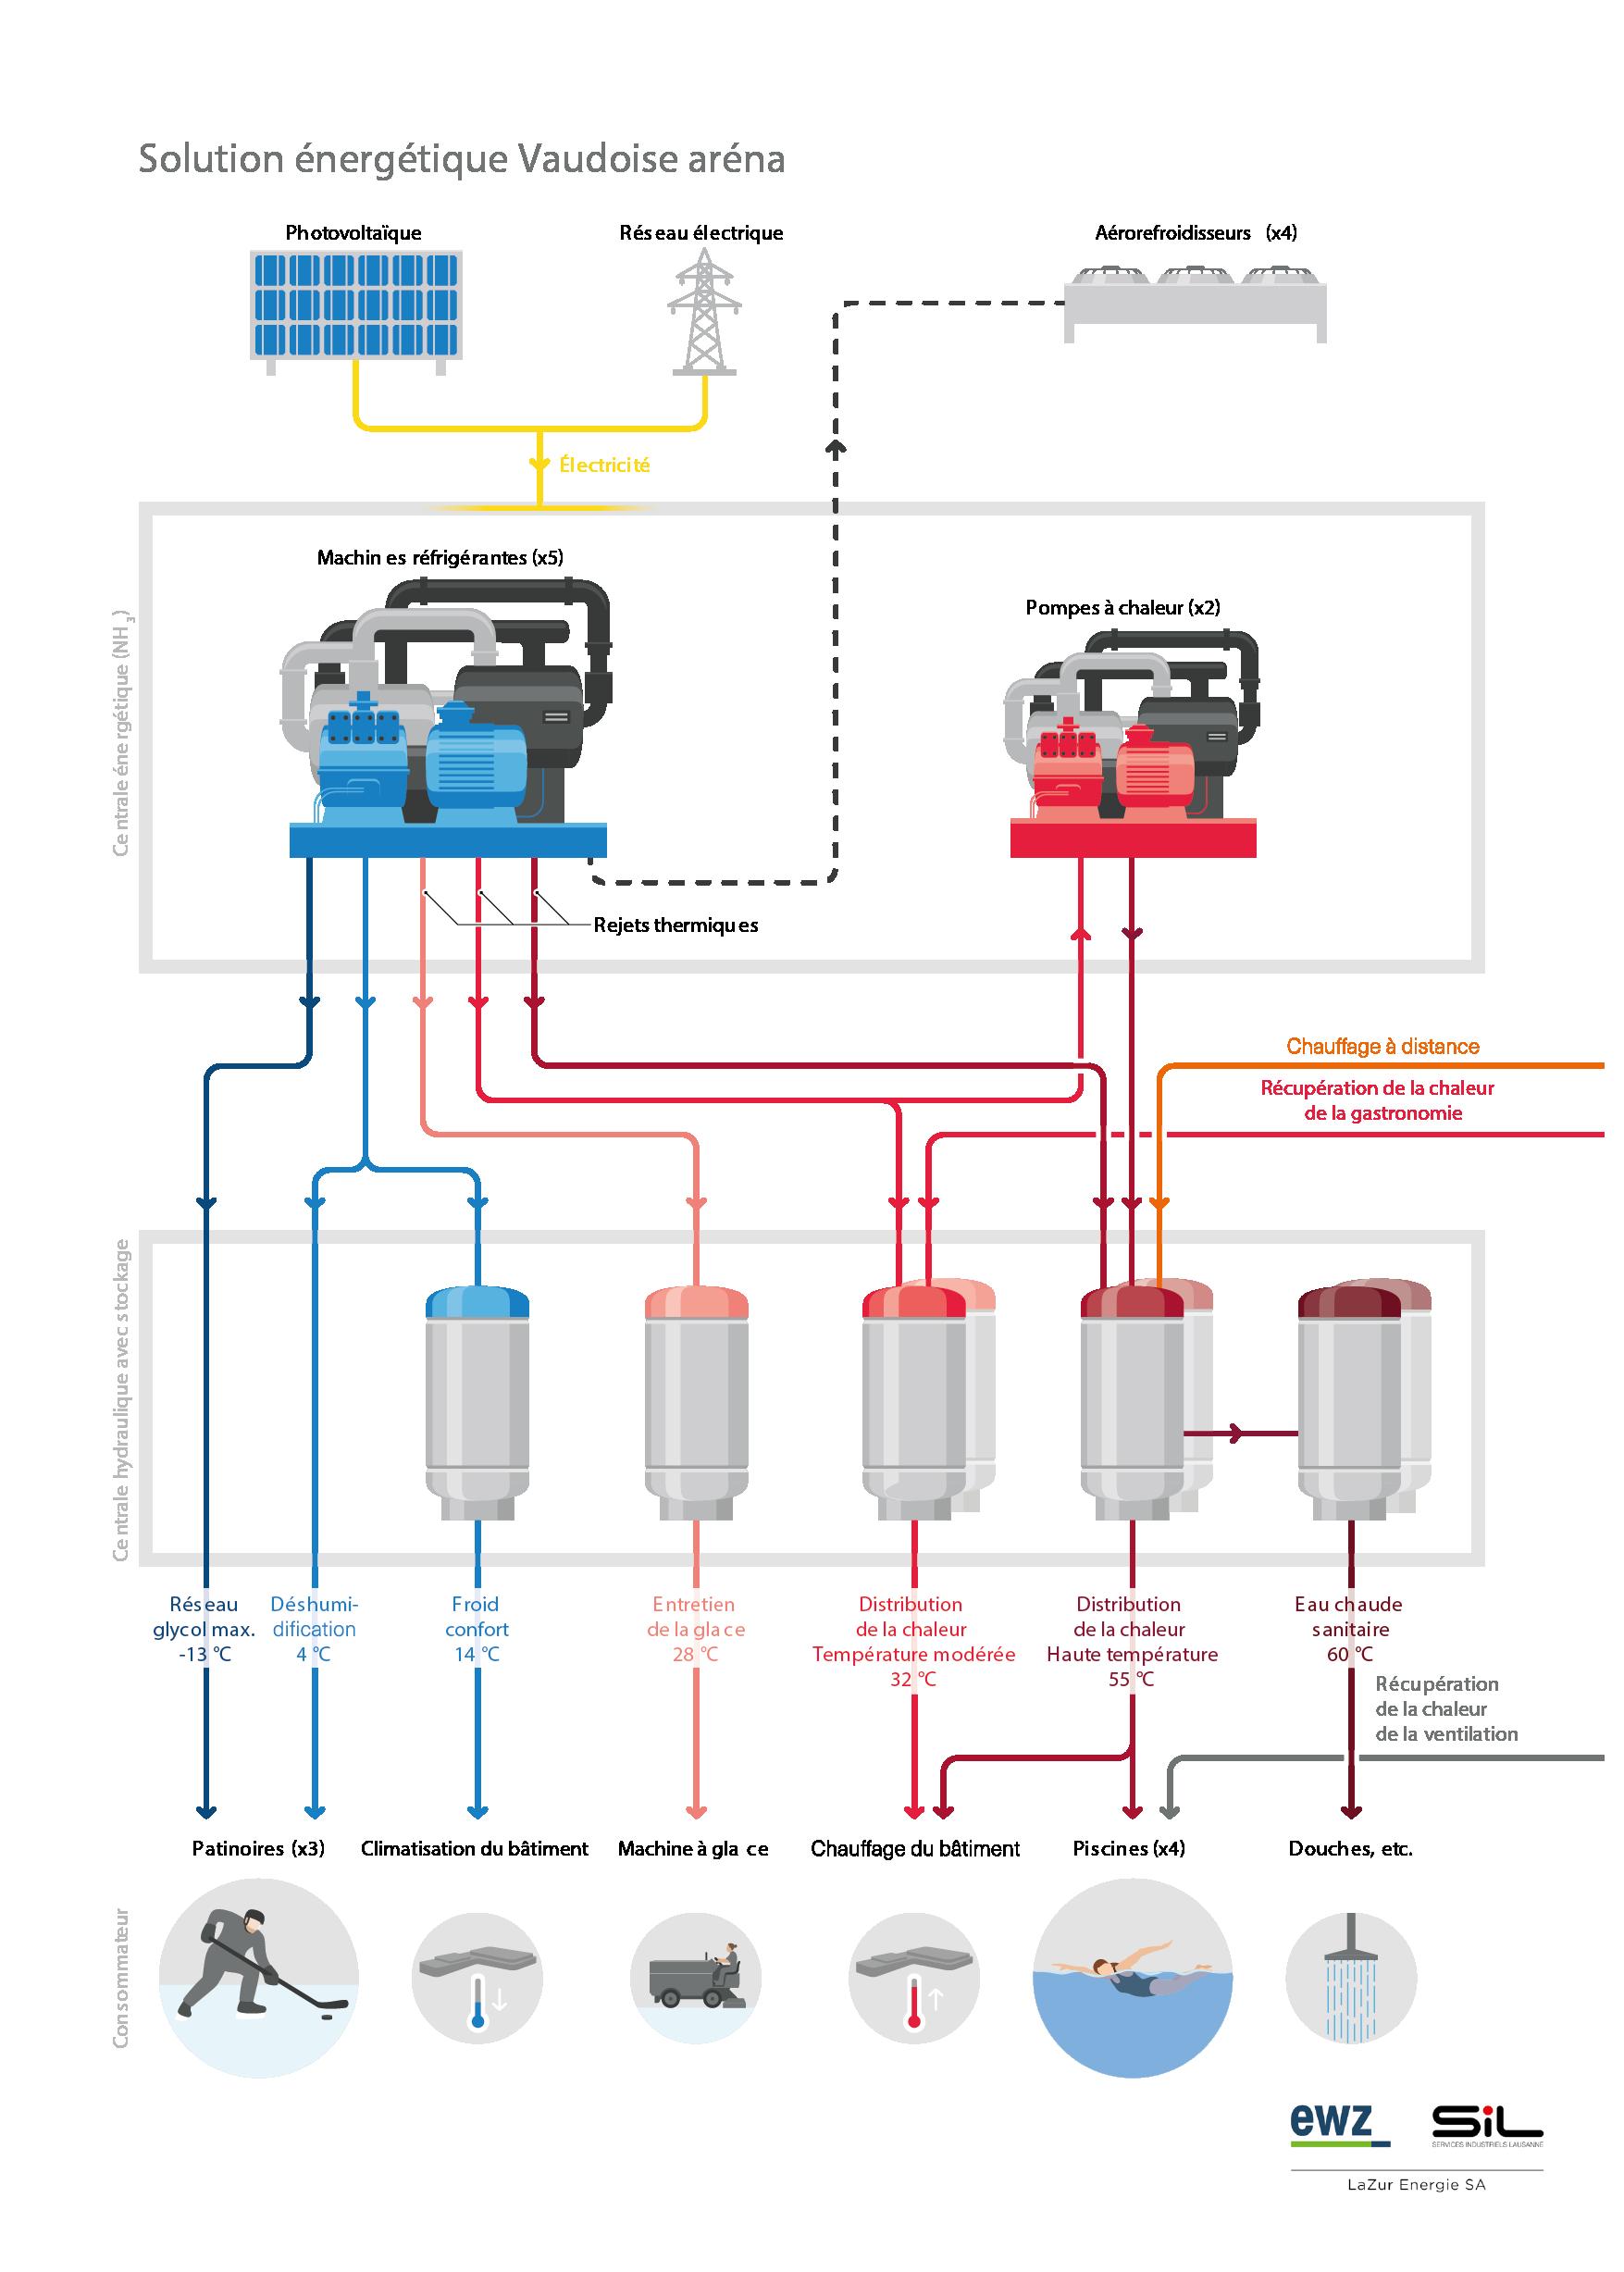 Schéma d'une solution énergétique de la Vaudoise aréna: la pompe à chaleur